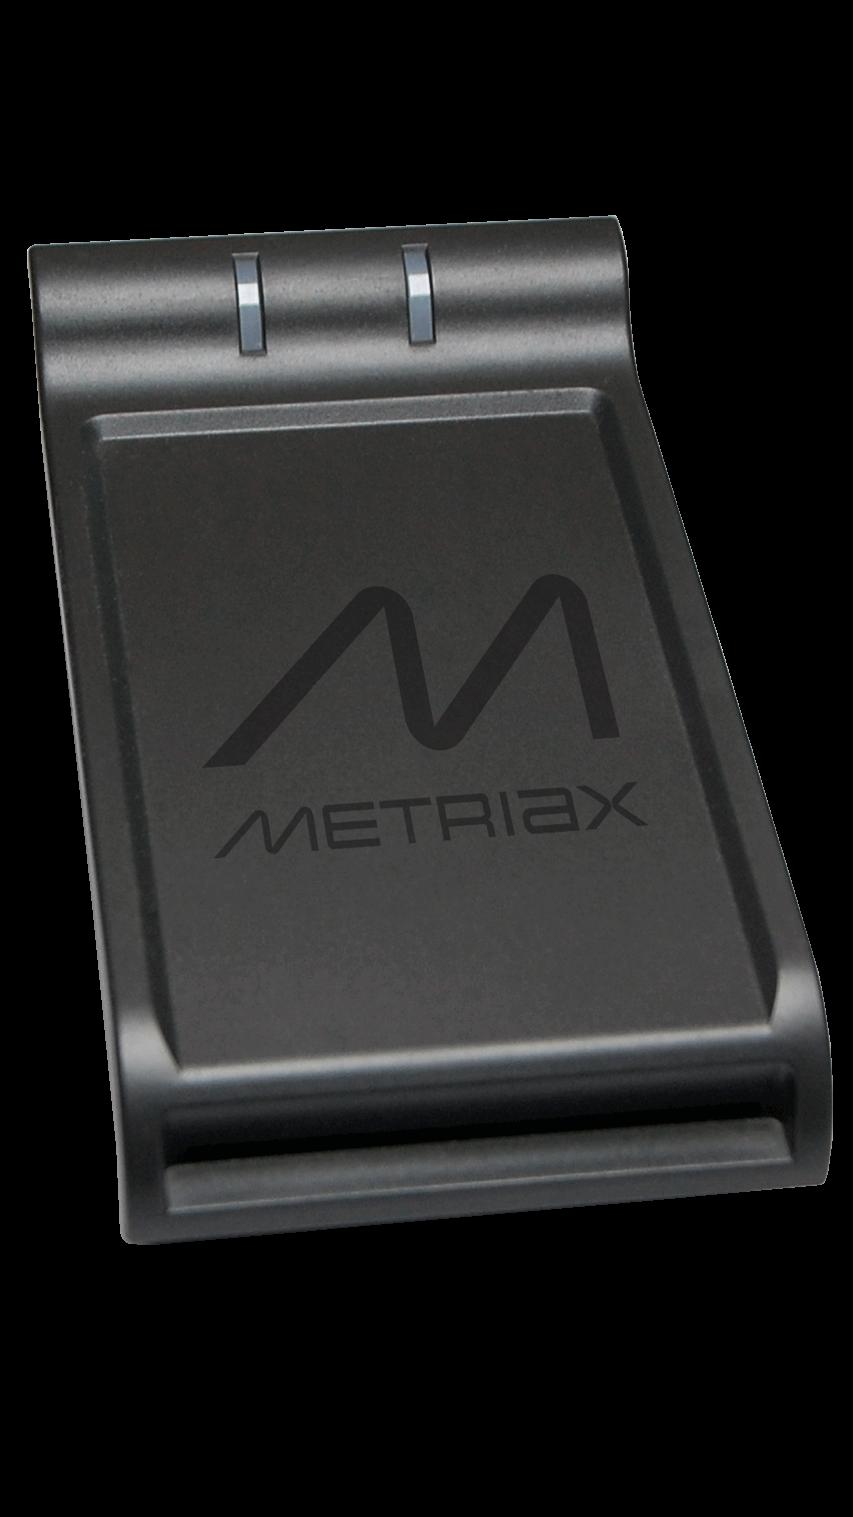 Metriax-MDE 620-RFID-NFC-Tischlesegerät-Tischleser-Dual Leser-Chipkarten-ISO7816-HID Leser-PC/SC-RFID Karten-ISO14443-Mifare-ISO18092